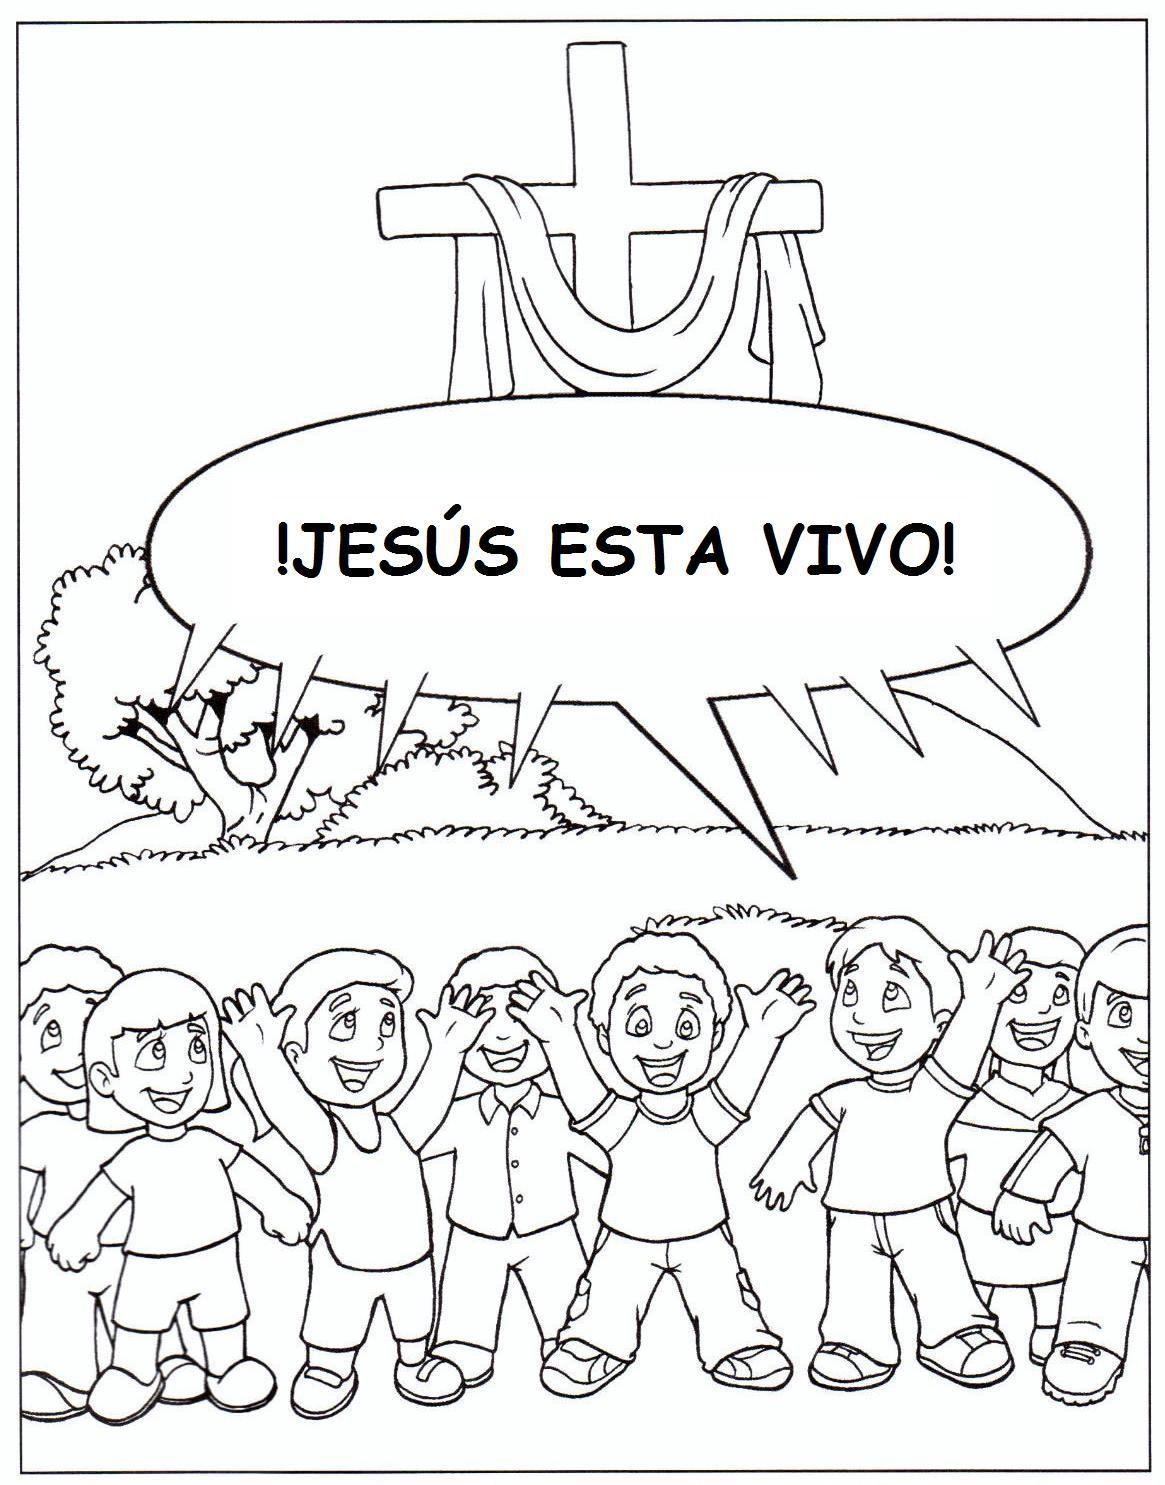 Jesus esta vivo! pagina de colorear | biblia kids | Pinterest ...